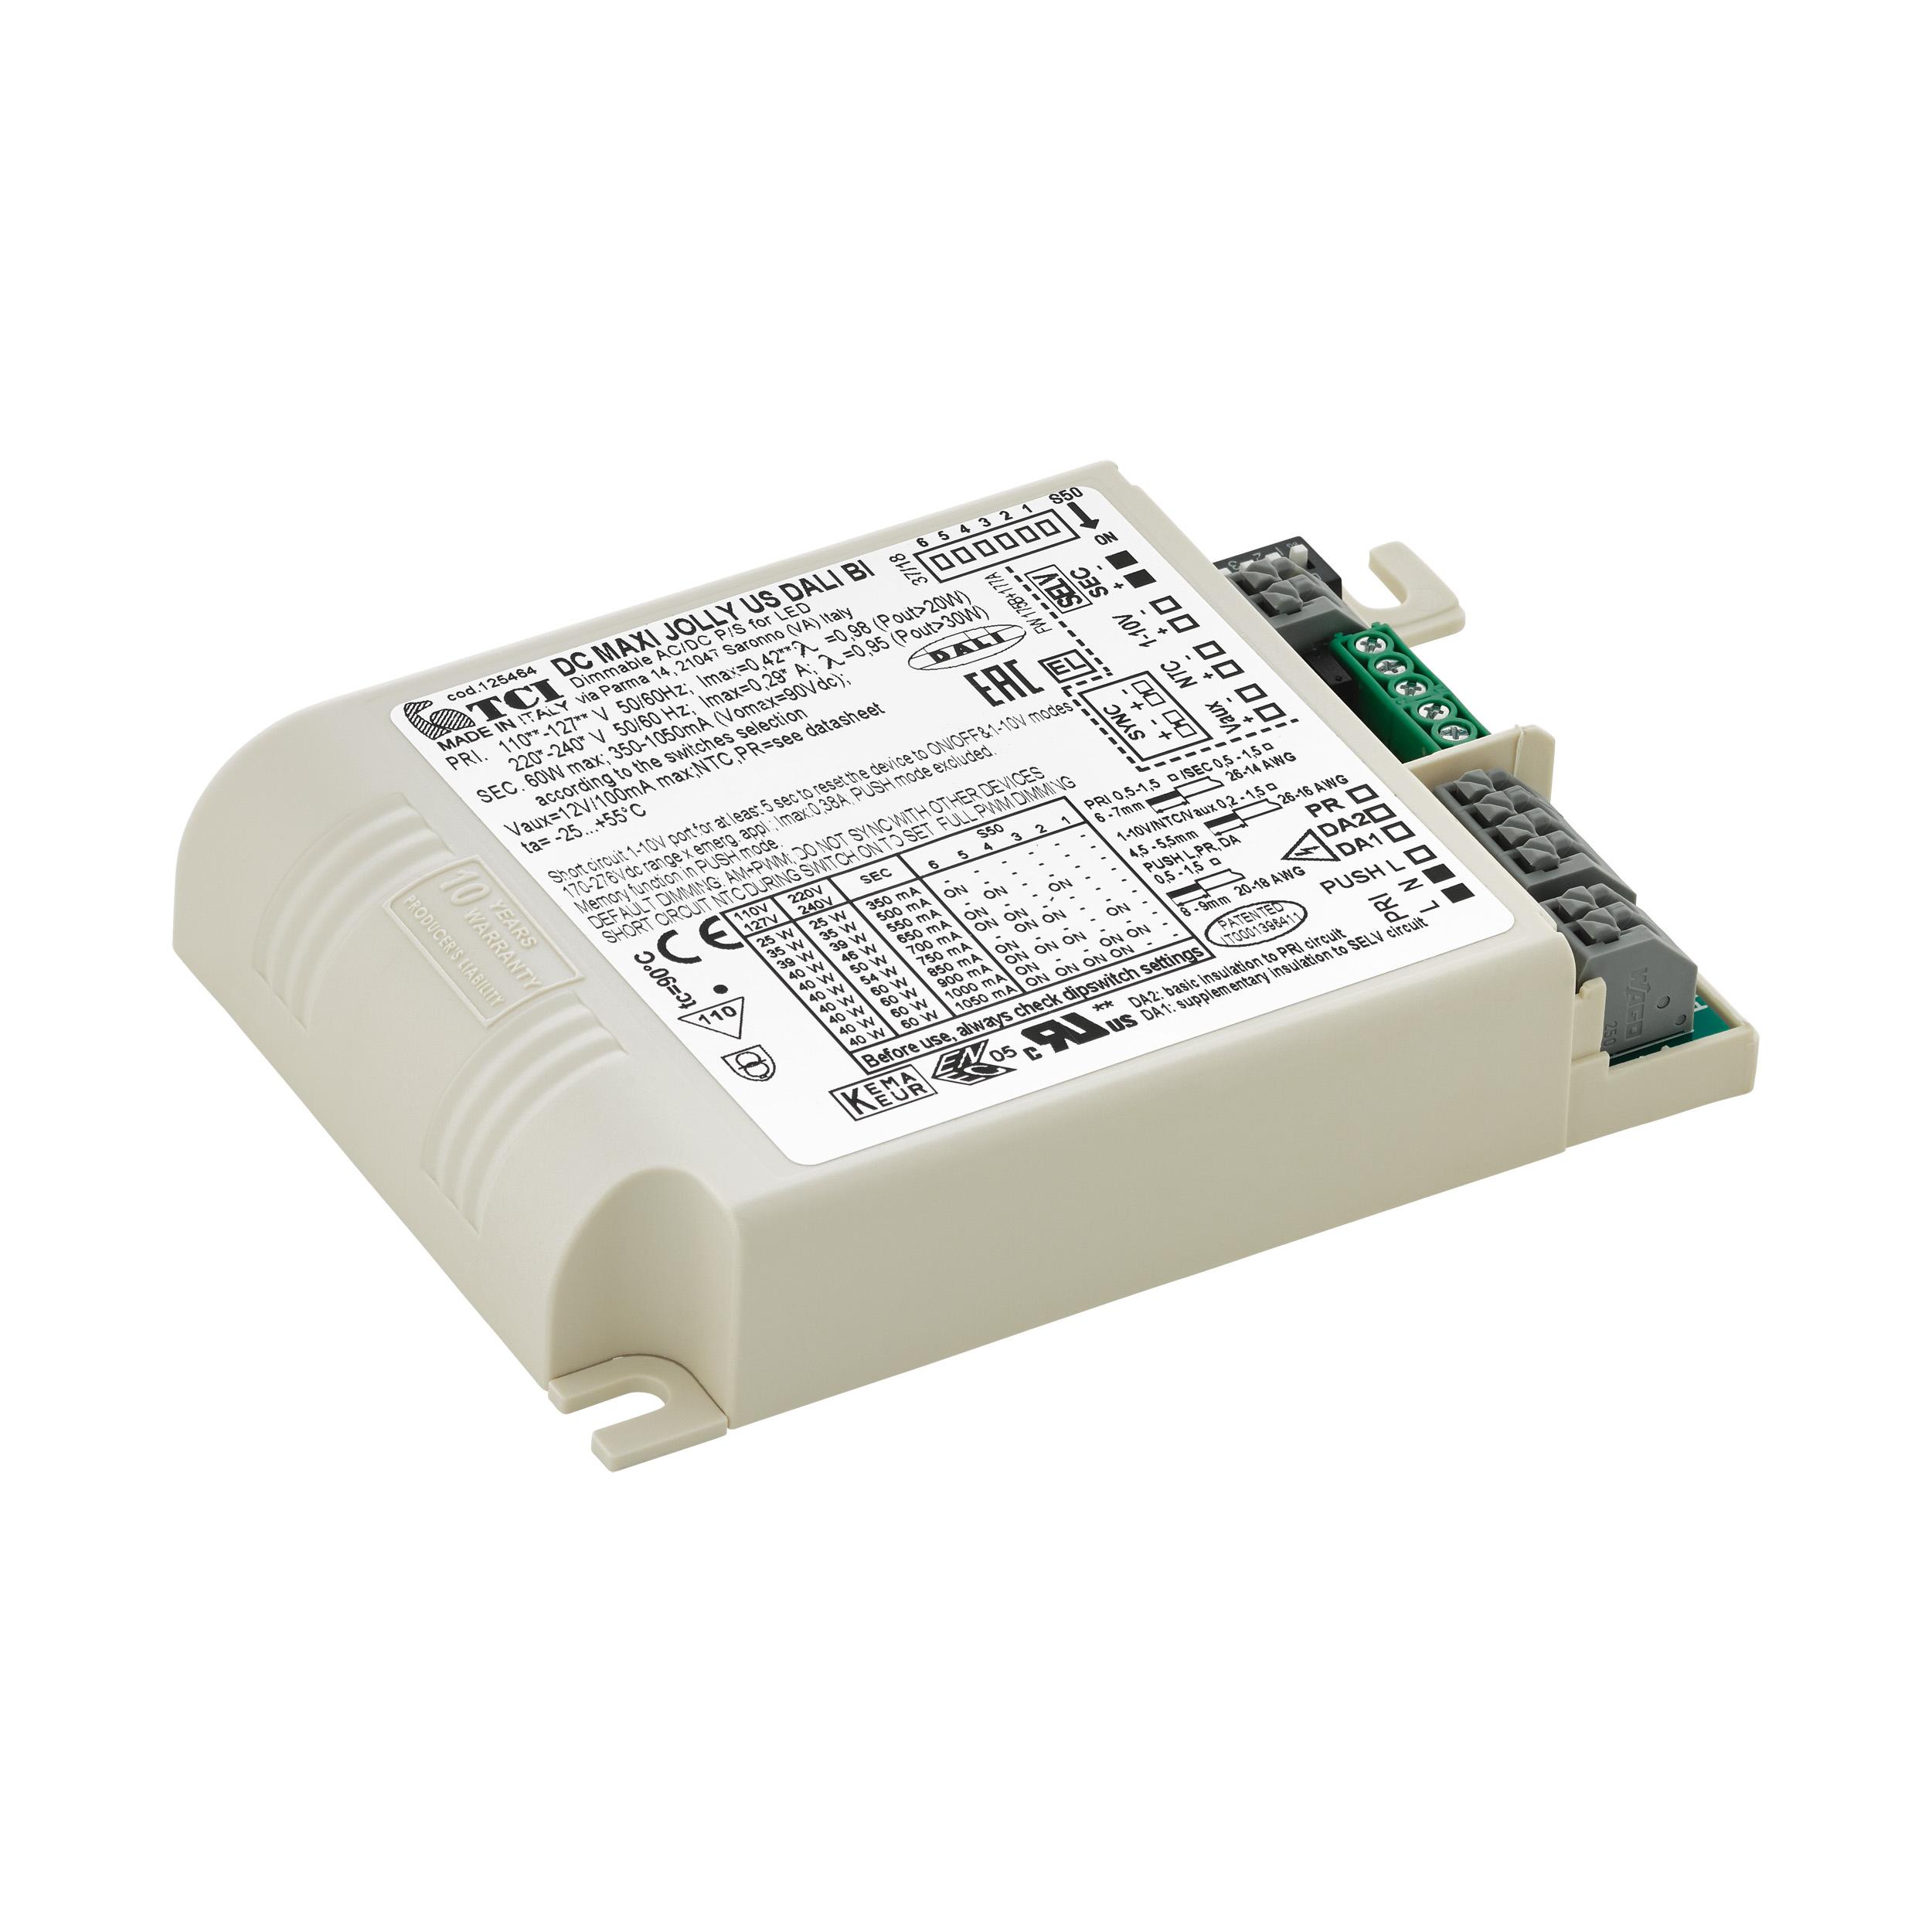 1 Stk LED-TREIBER TCI DC MAXI JOLLY USDALI 60BI LI69262---